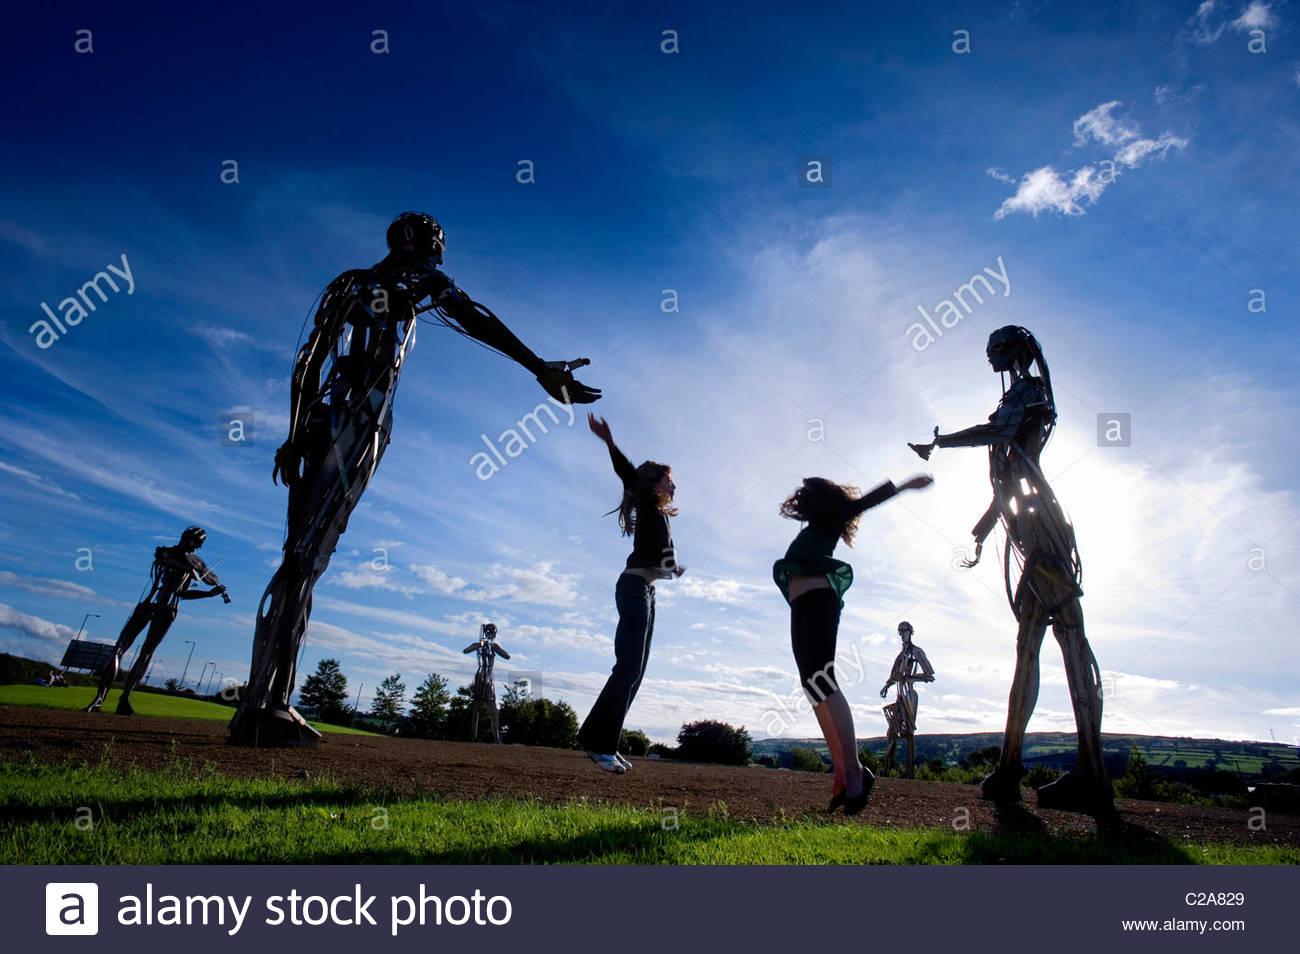 Kinder spielen am eine Kunst im öffentlichen Raum Skulptur in Strabane, Ulster. Stockbild